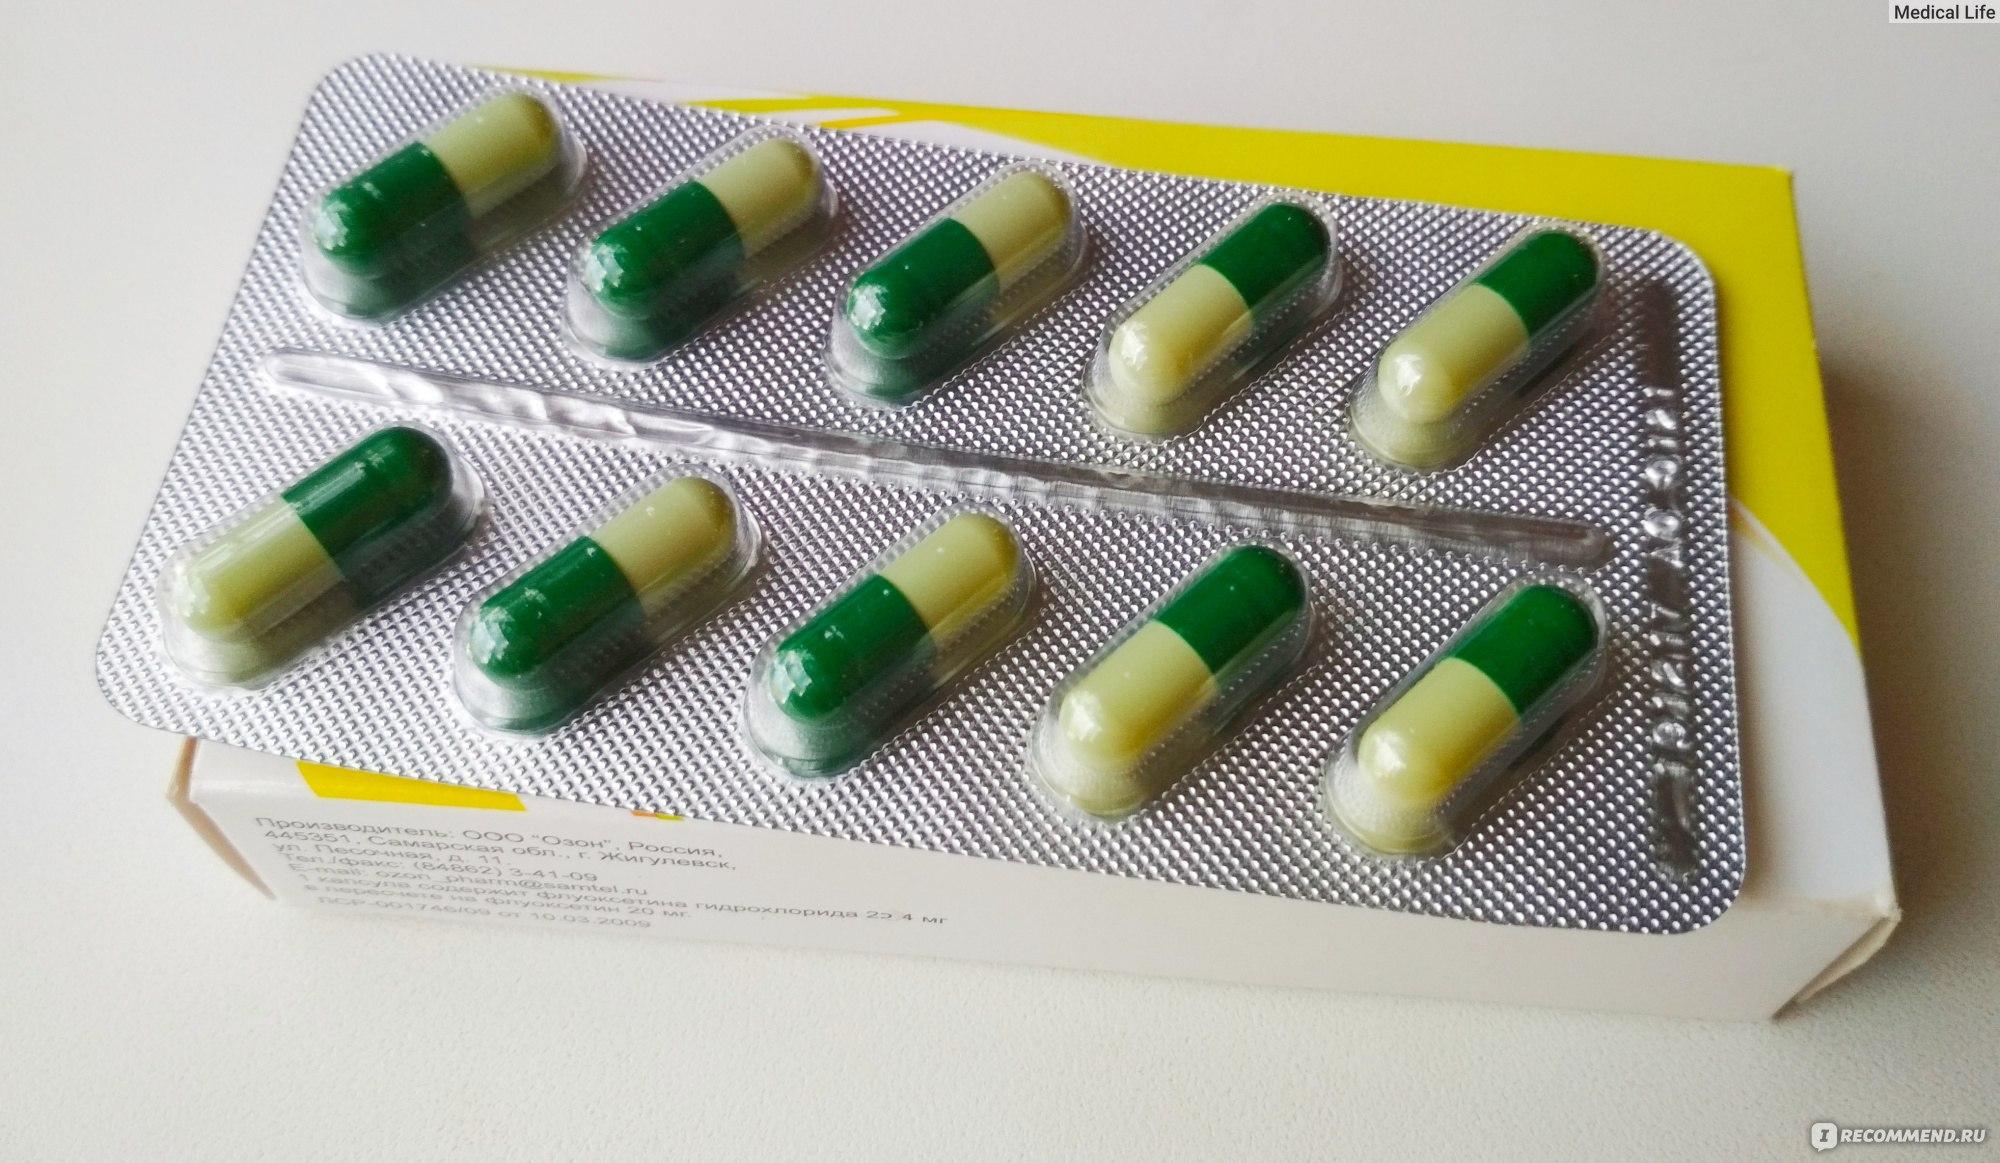 Апо-флуоксетин